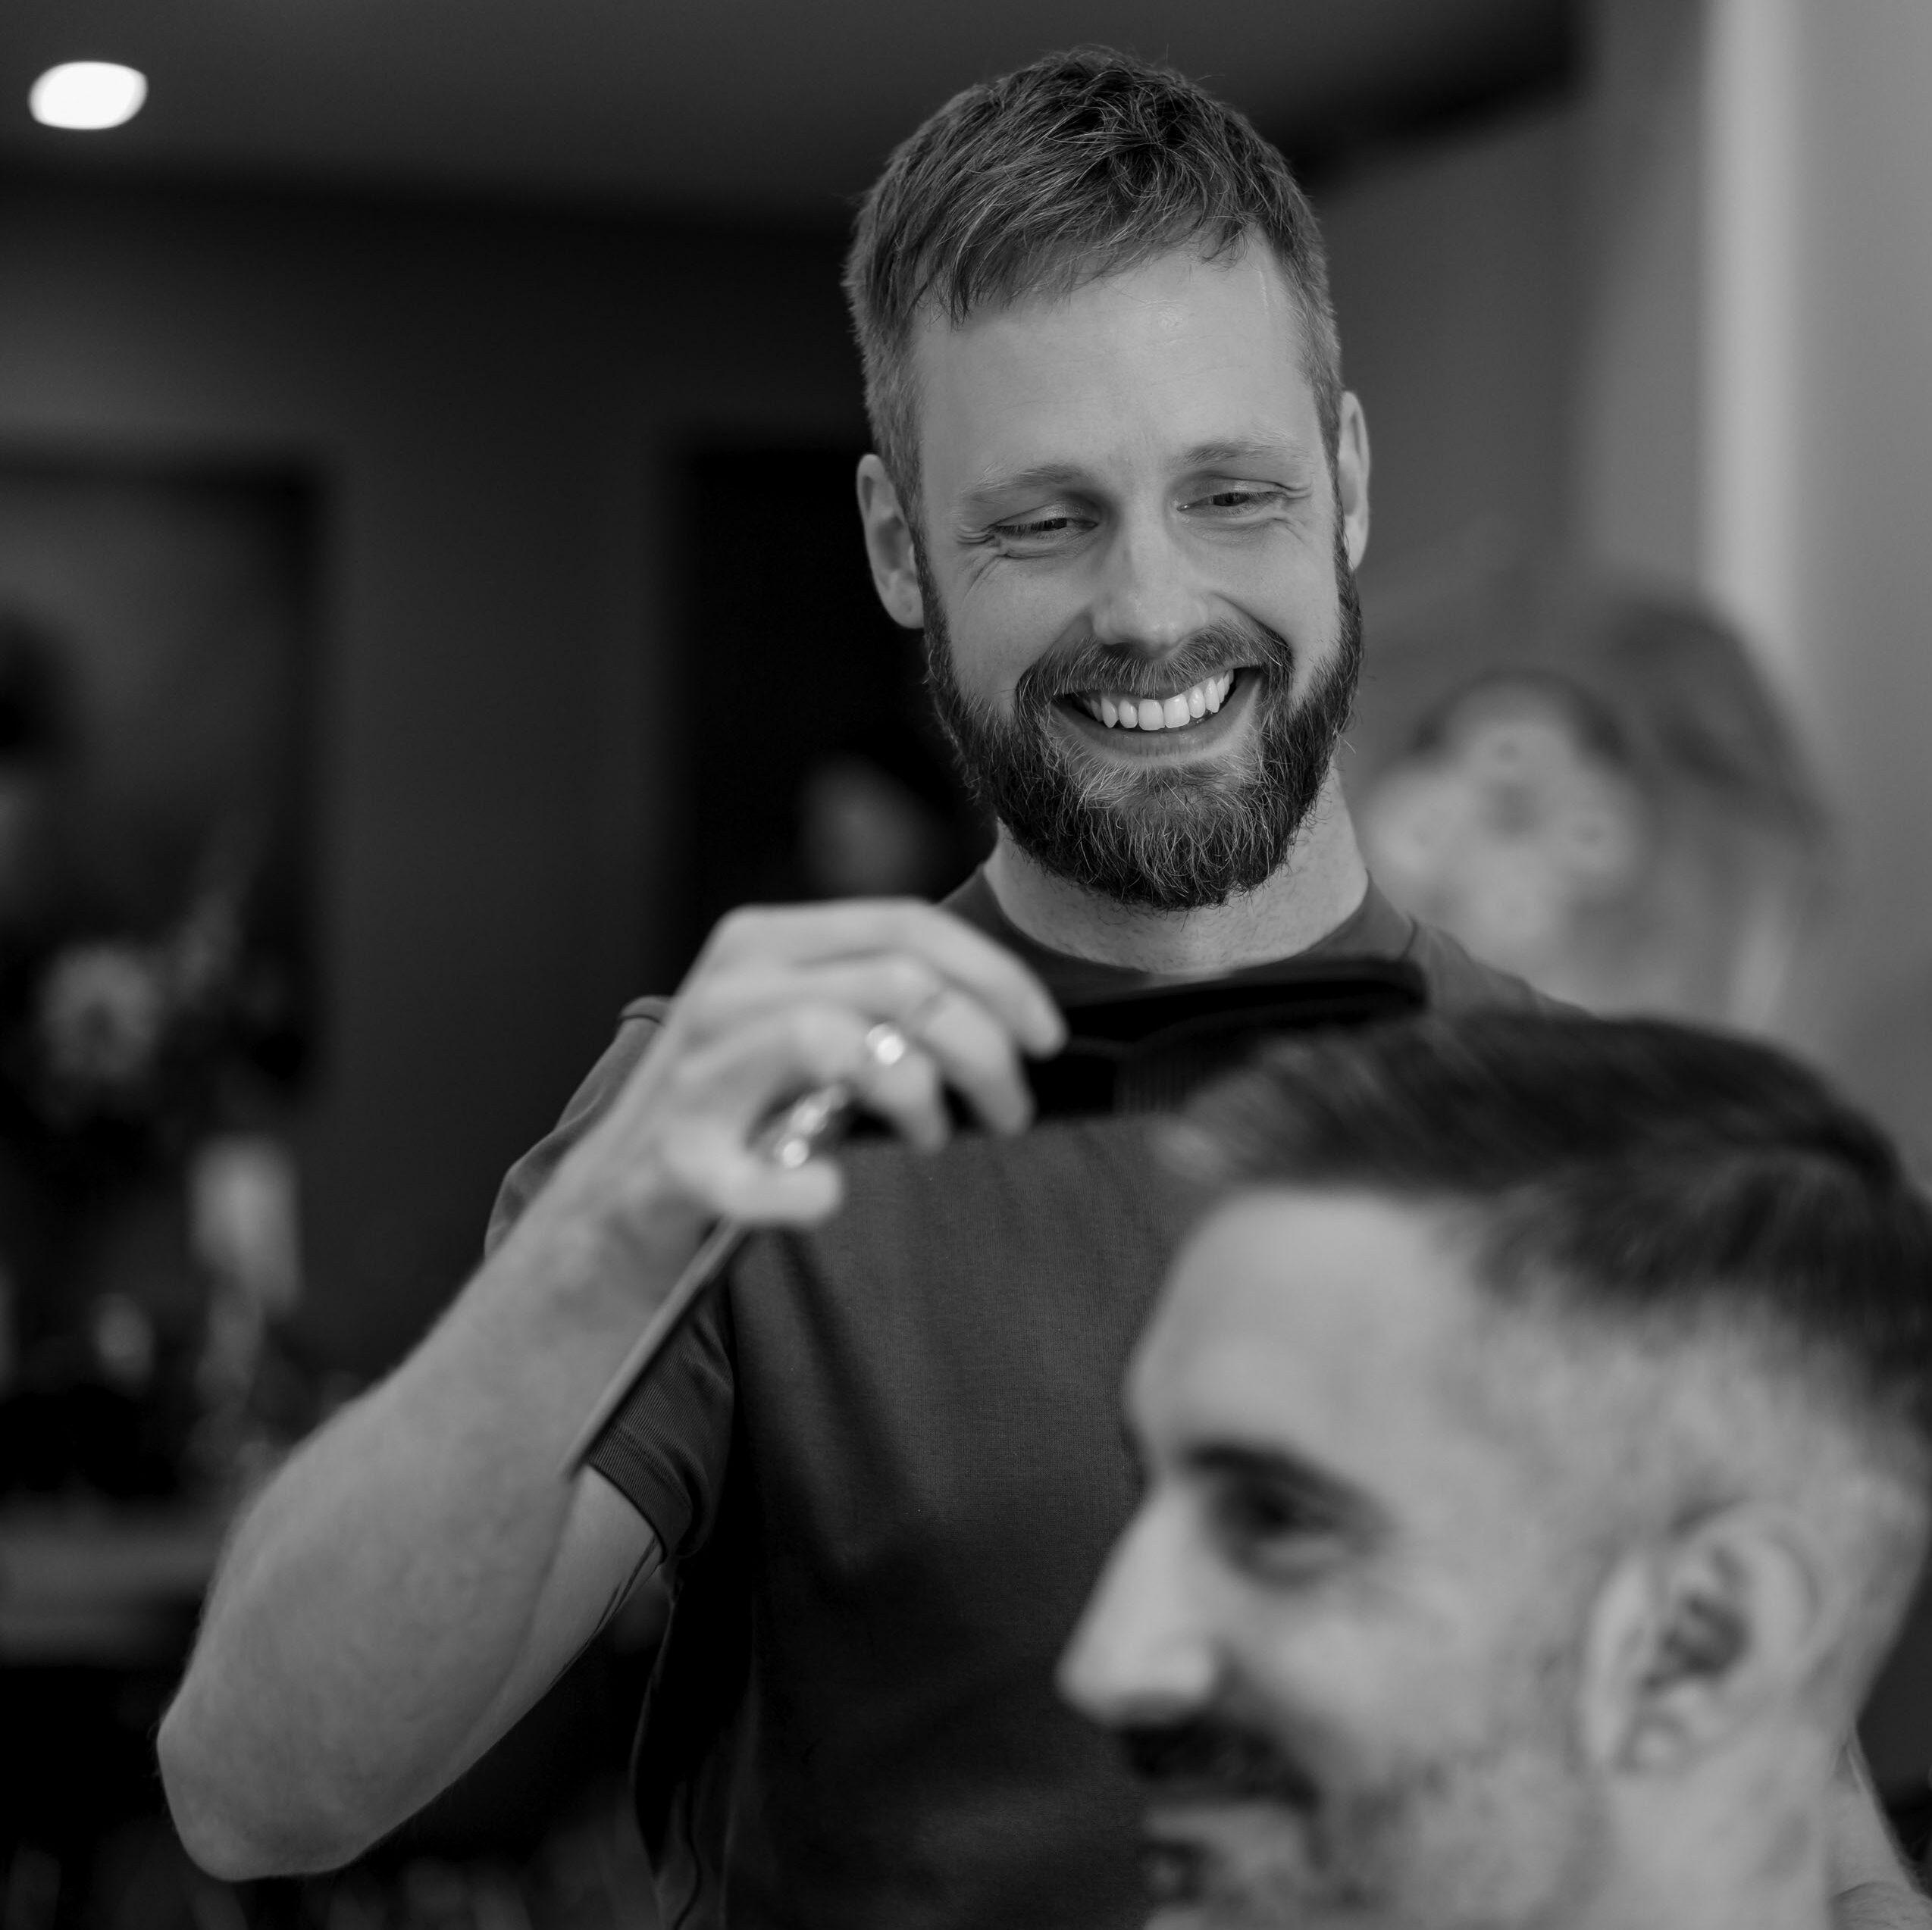 Rent a chair in our hair salon - aktie foto Tim